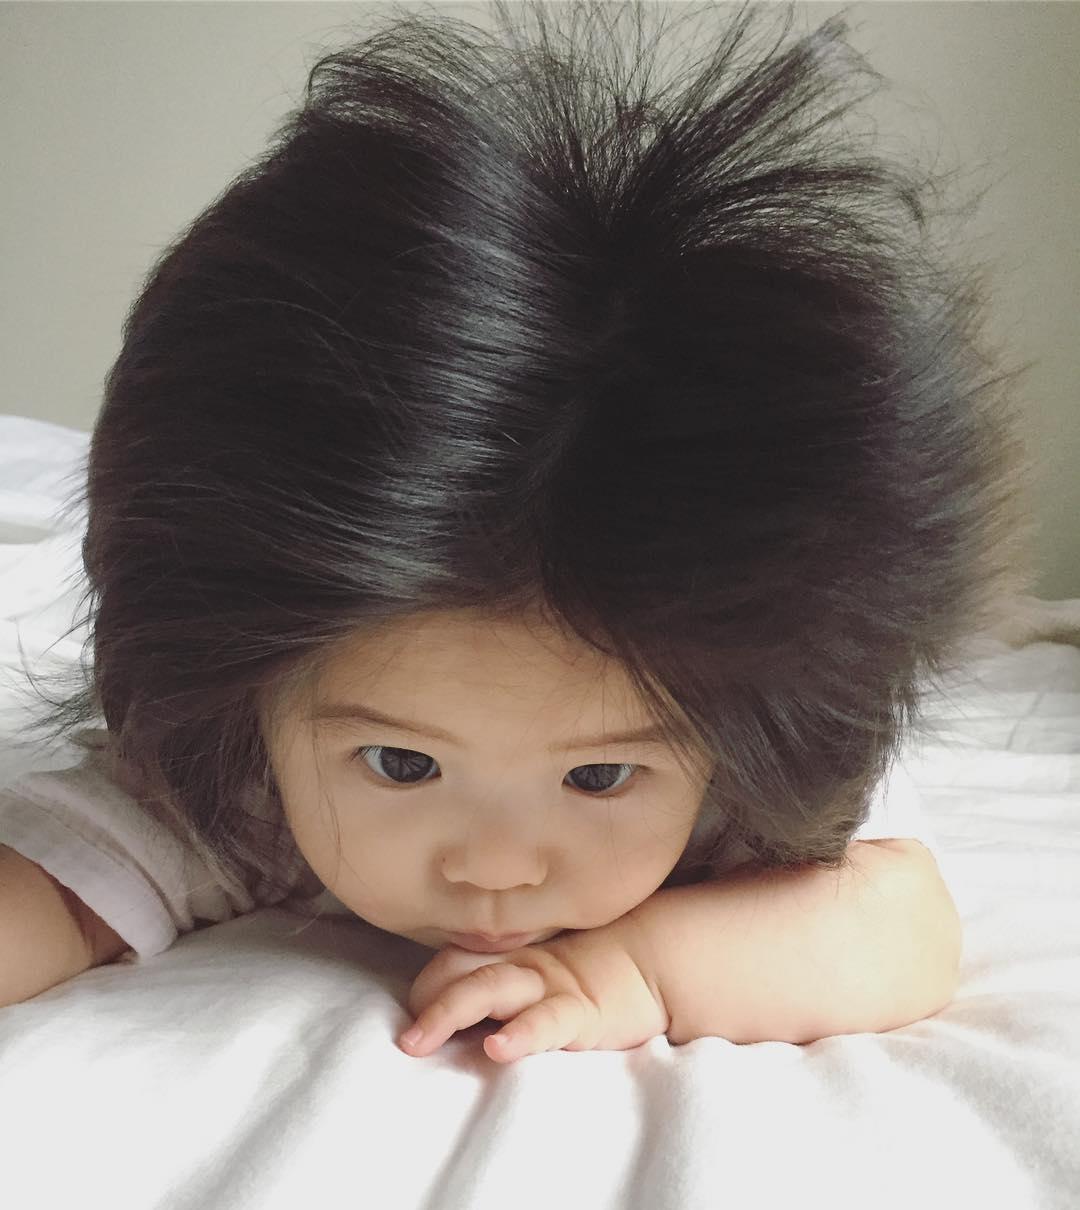 【画像】生後半年の赤ちゃんですらフサフサなのに、お前らときたら・・・